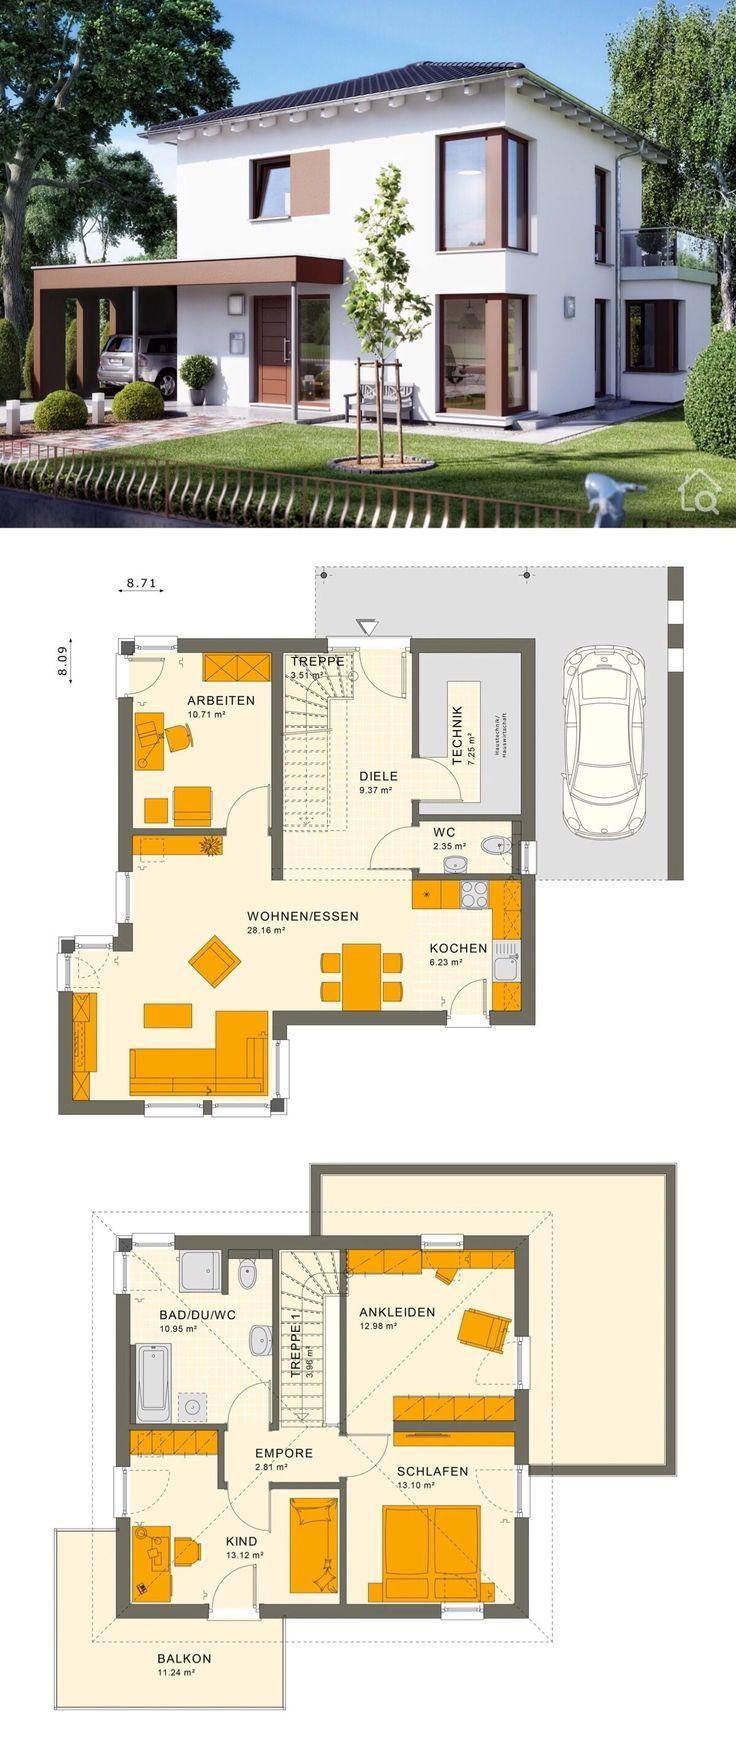 Stadtvilla Modern Mit Walmdach Carport Garage 5 Zimmer Grundriss 113 Qm Haus Bauen Ideen Fertighaus Stadtvill Stadtvilla Haus Grundriss Hausbau Grundriss